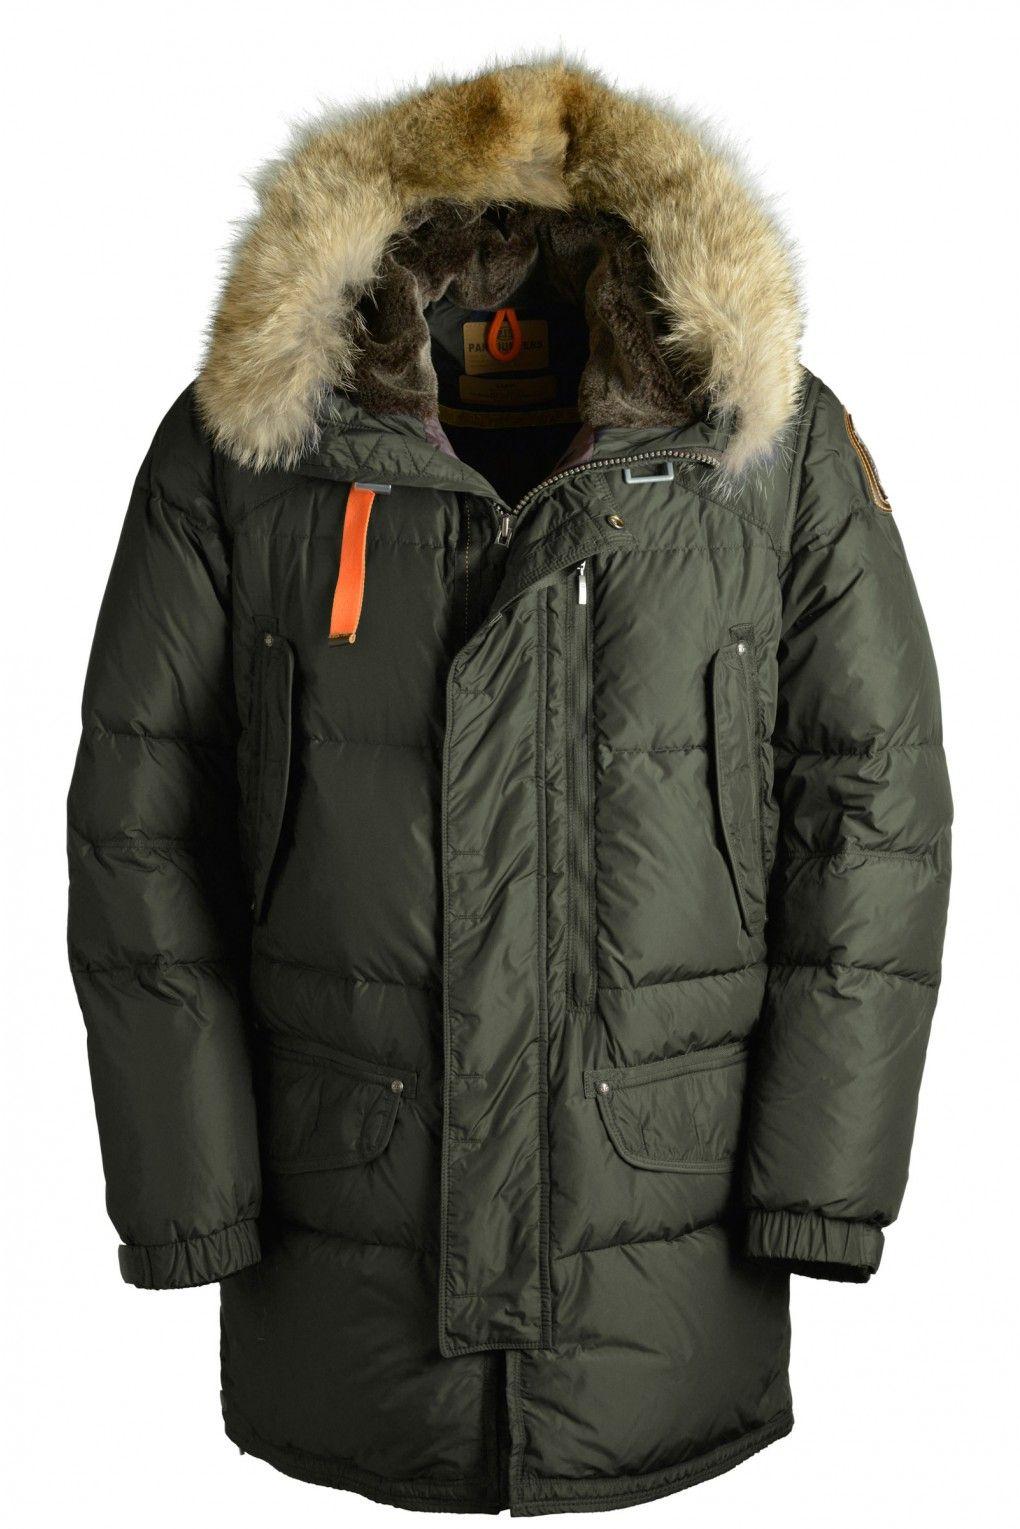 afcabe33 Parajumpers Salg Parajumpers Jakke Parajumpers Outlet | jacket in ...